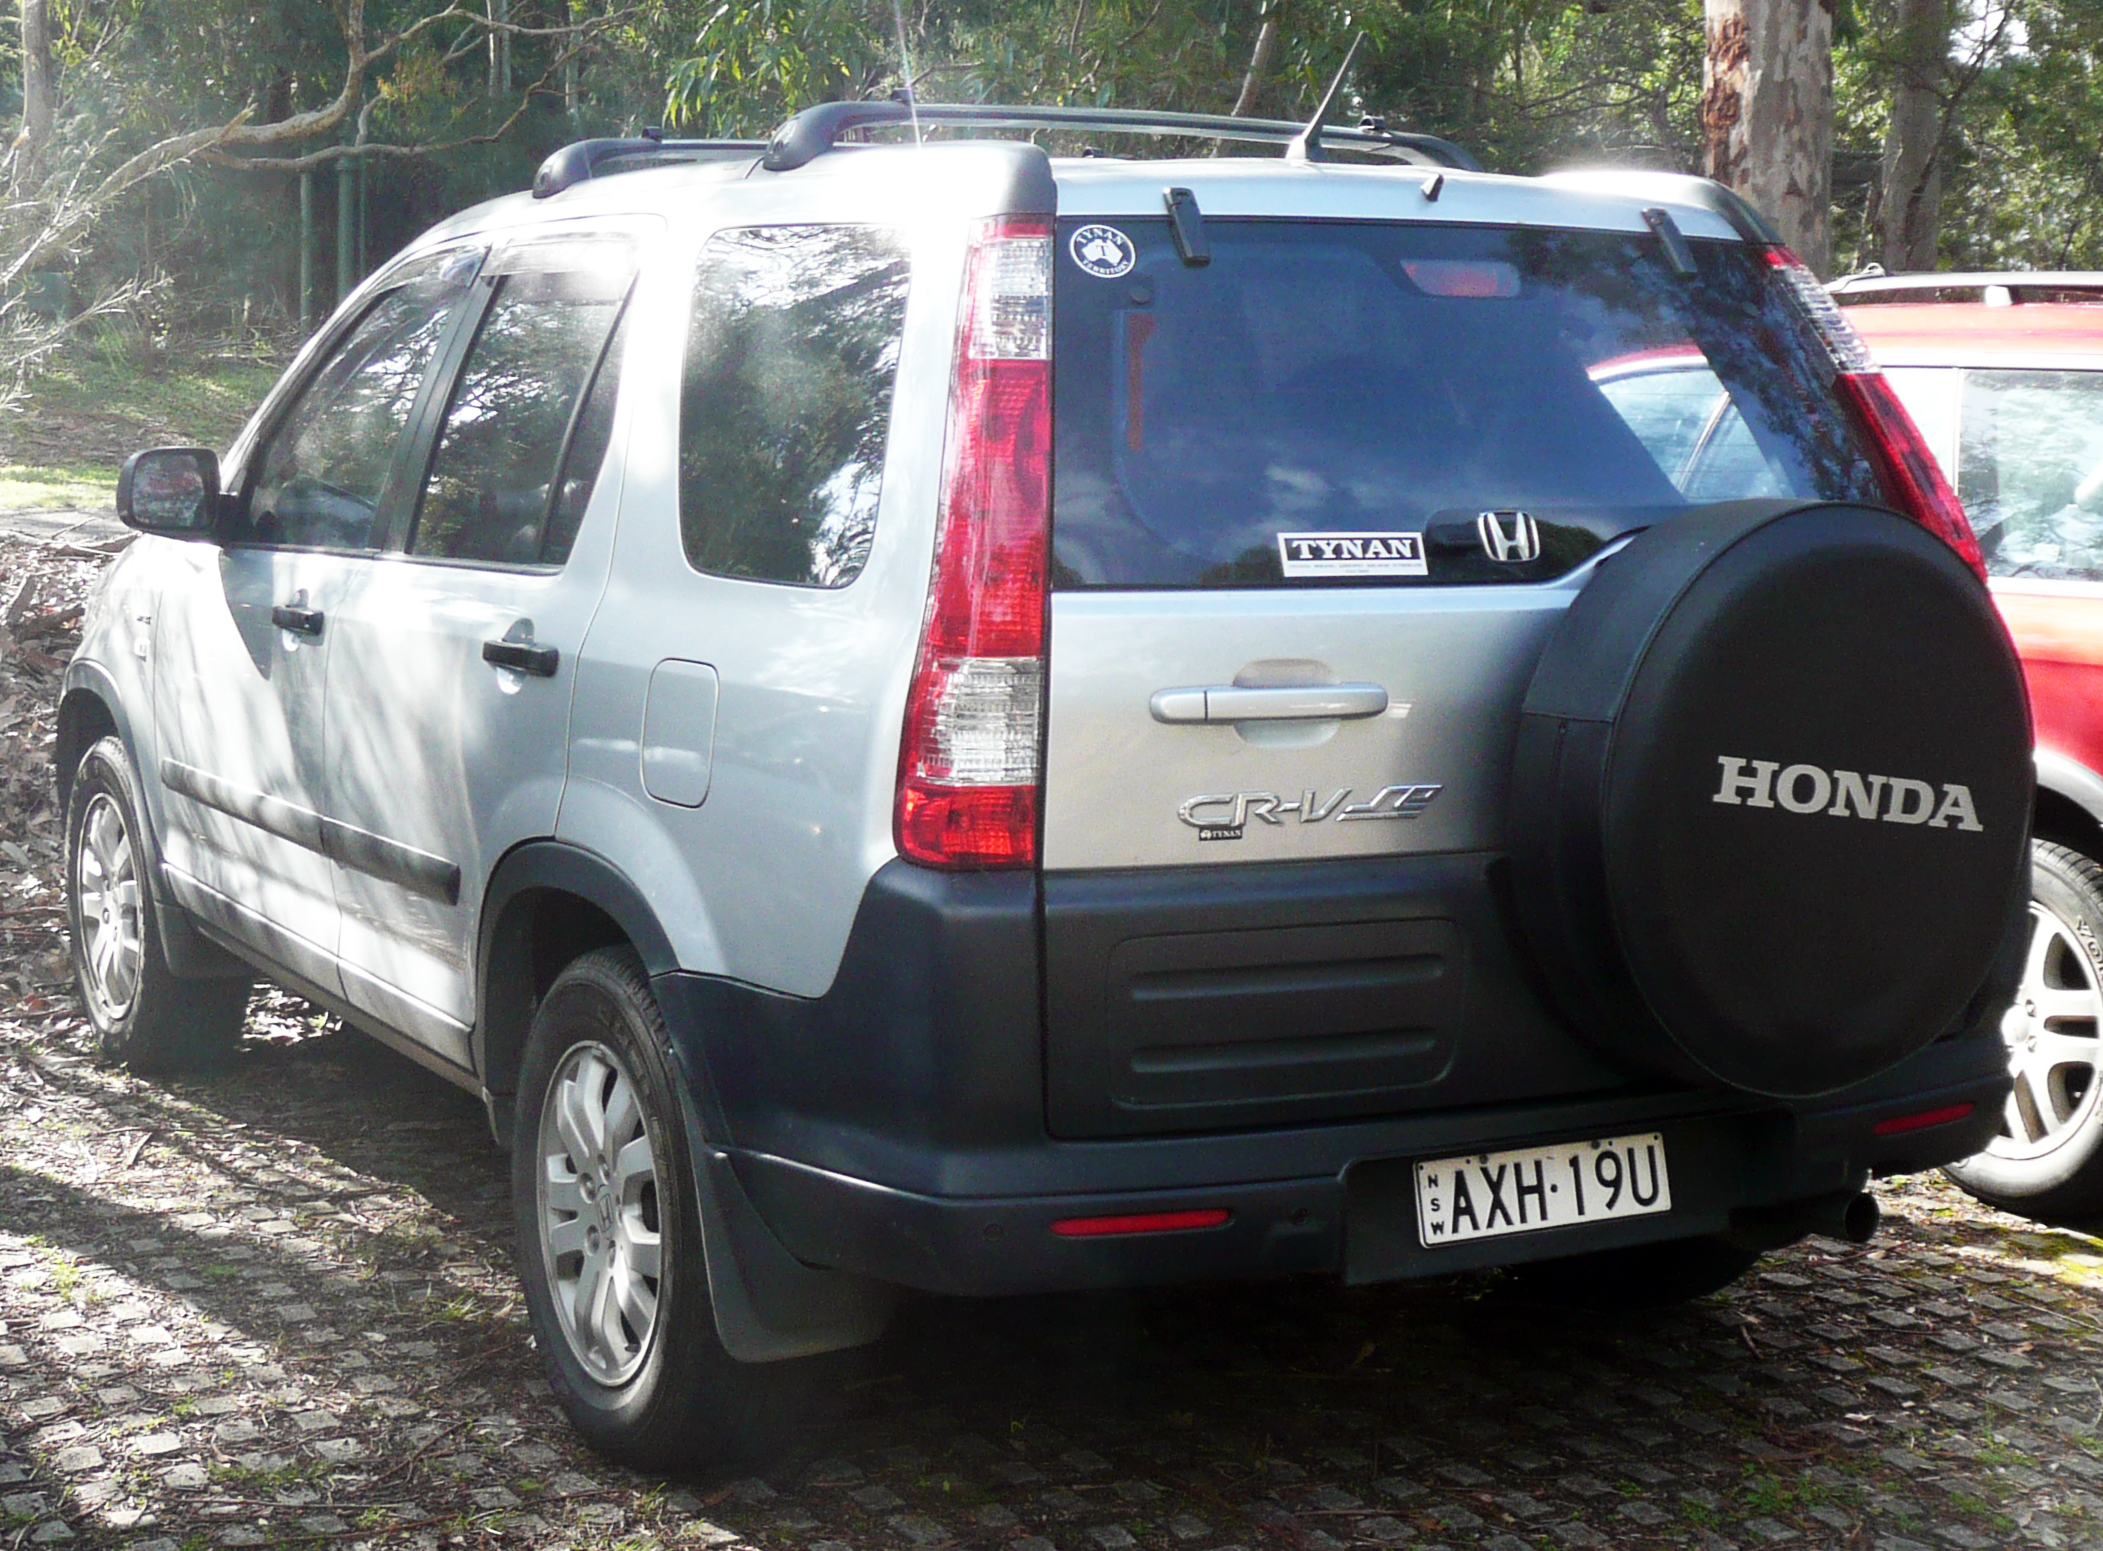 Kelebihan Kekurangan Honda Cr V 2005 Spesifikasi